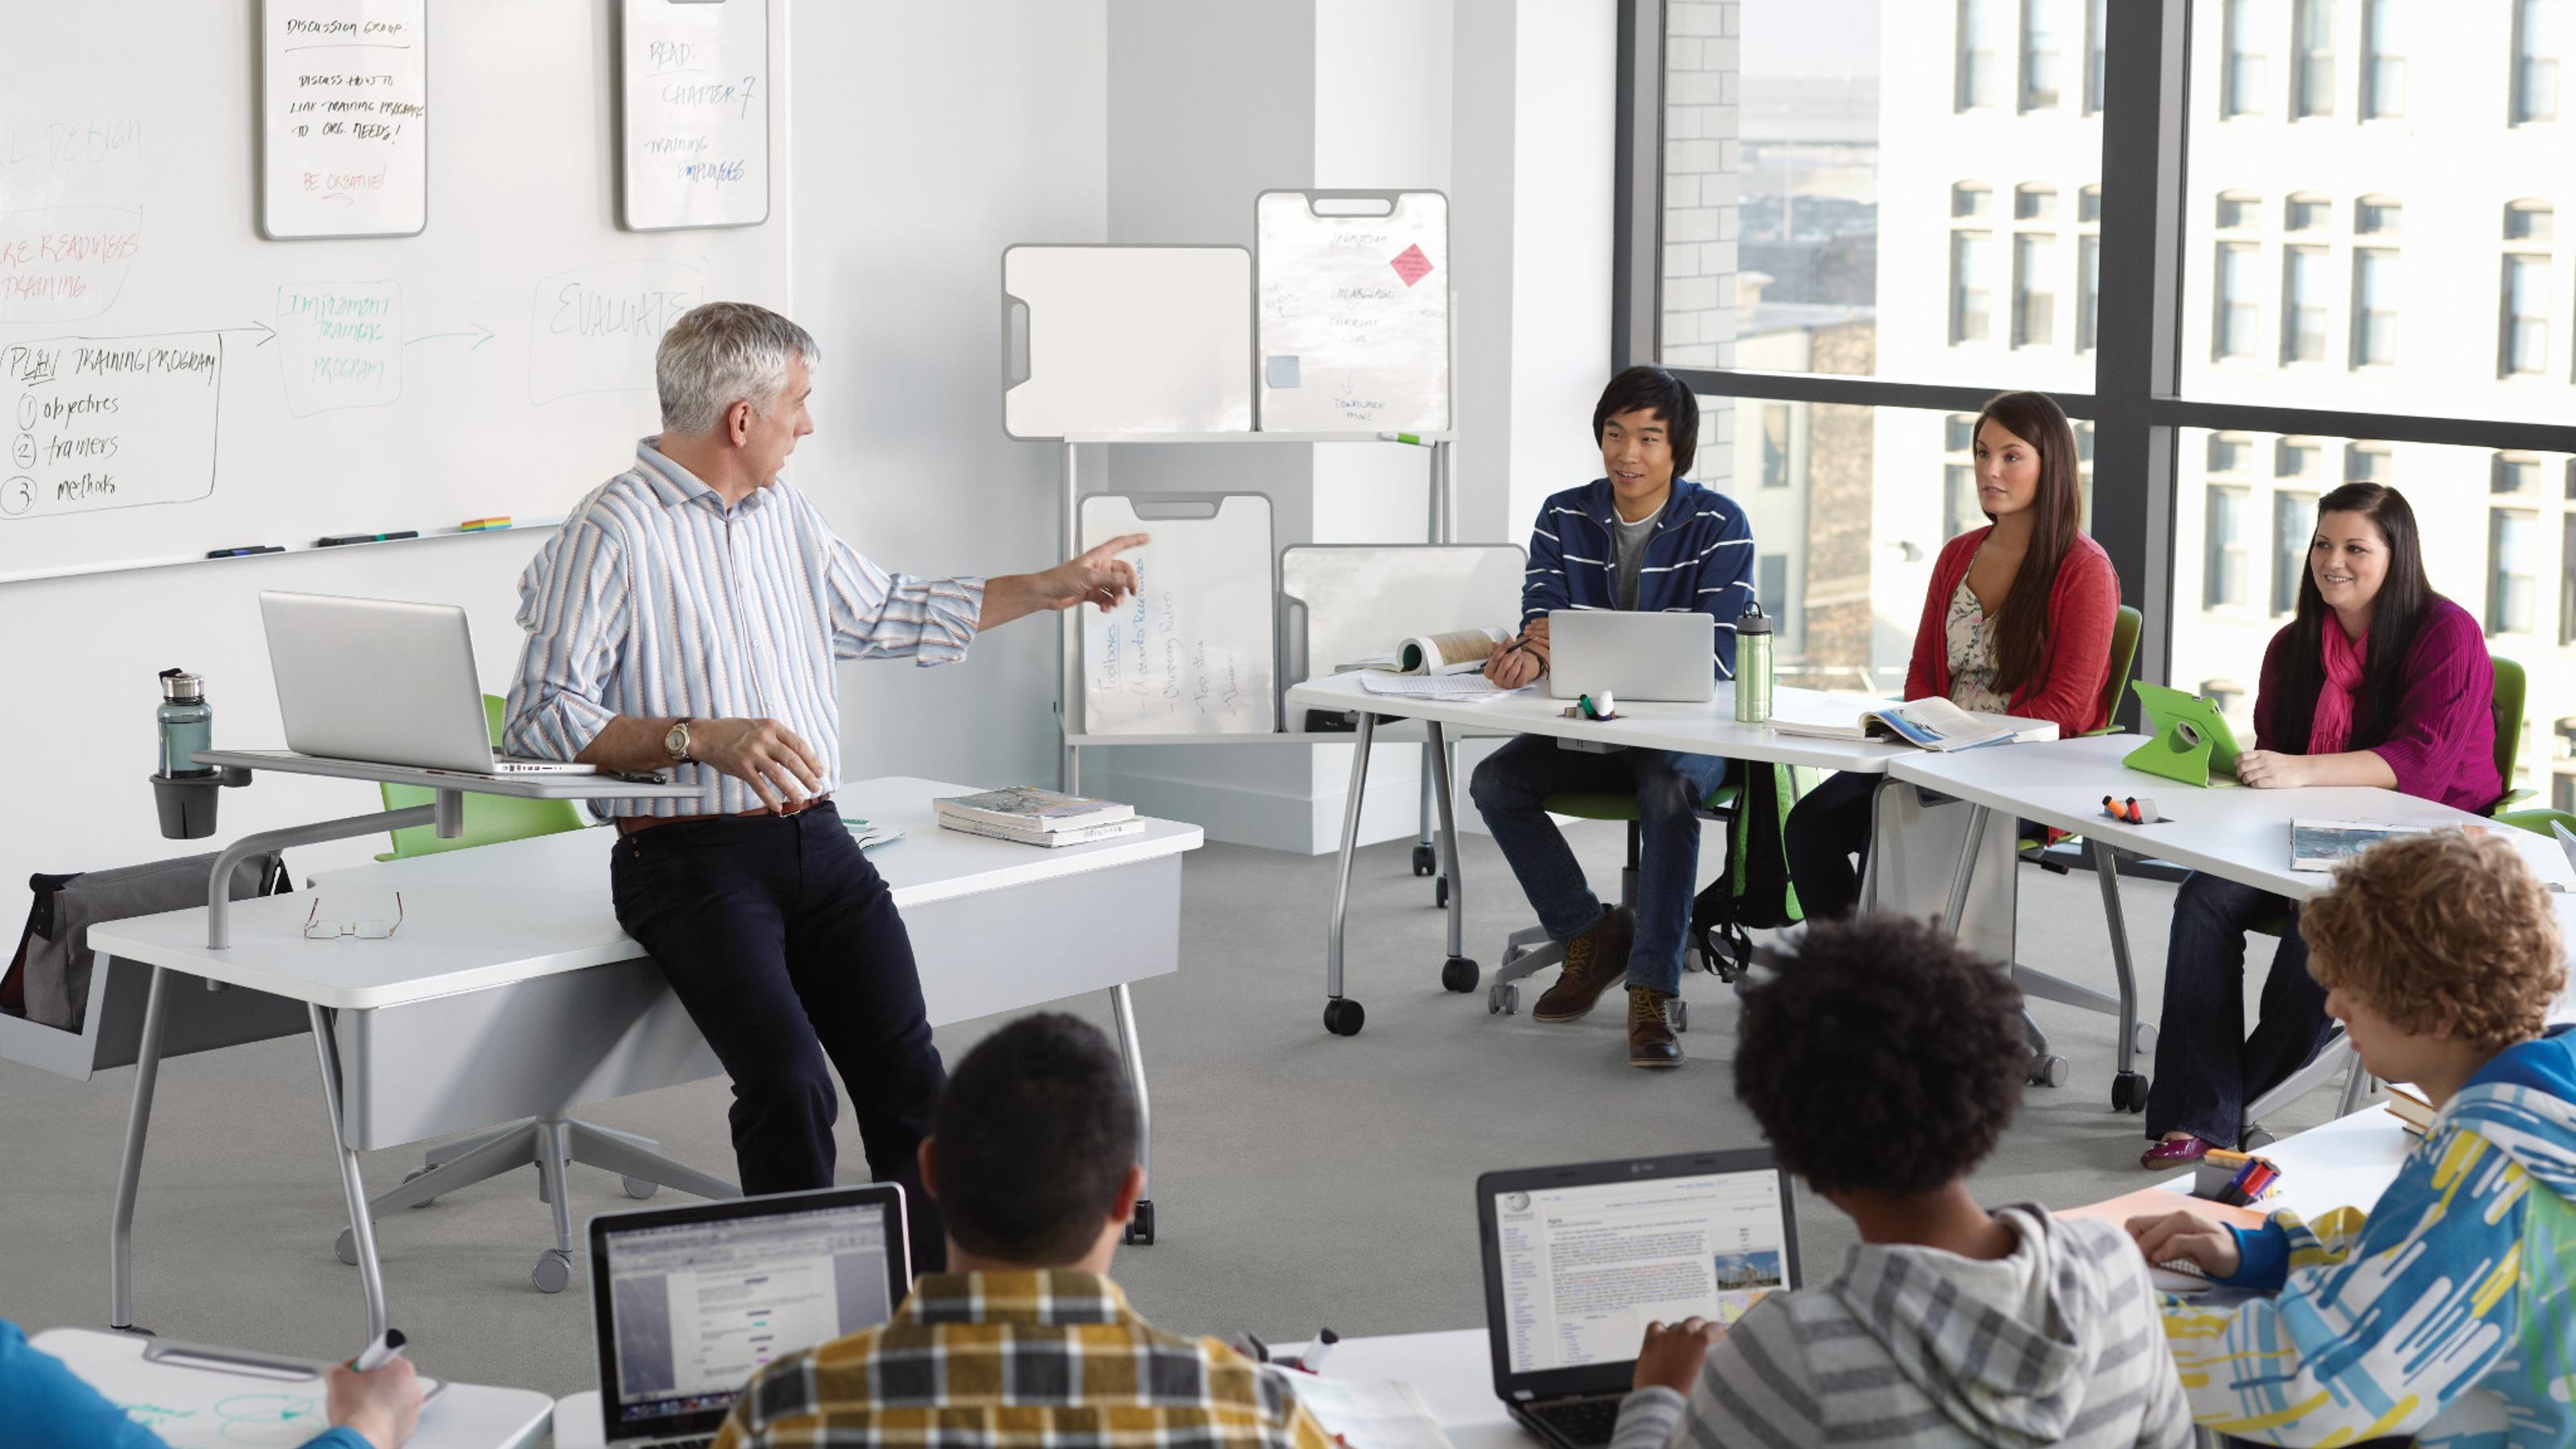 collaborative office collaborative spaces 320. CLASSROOMS Collaborative Office Spaces 320